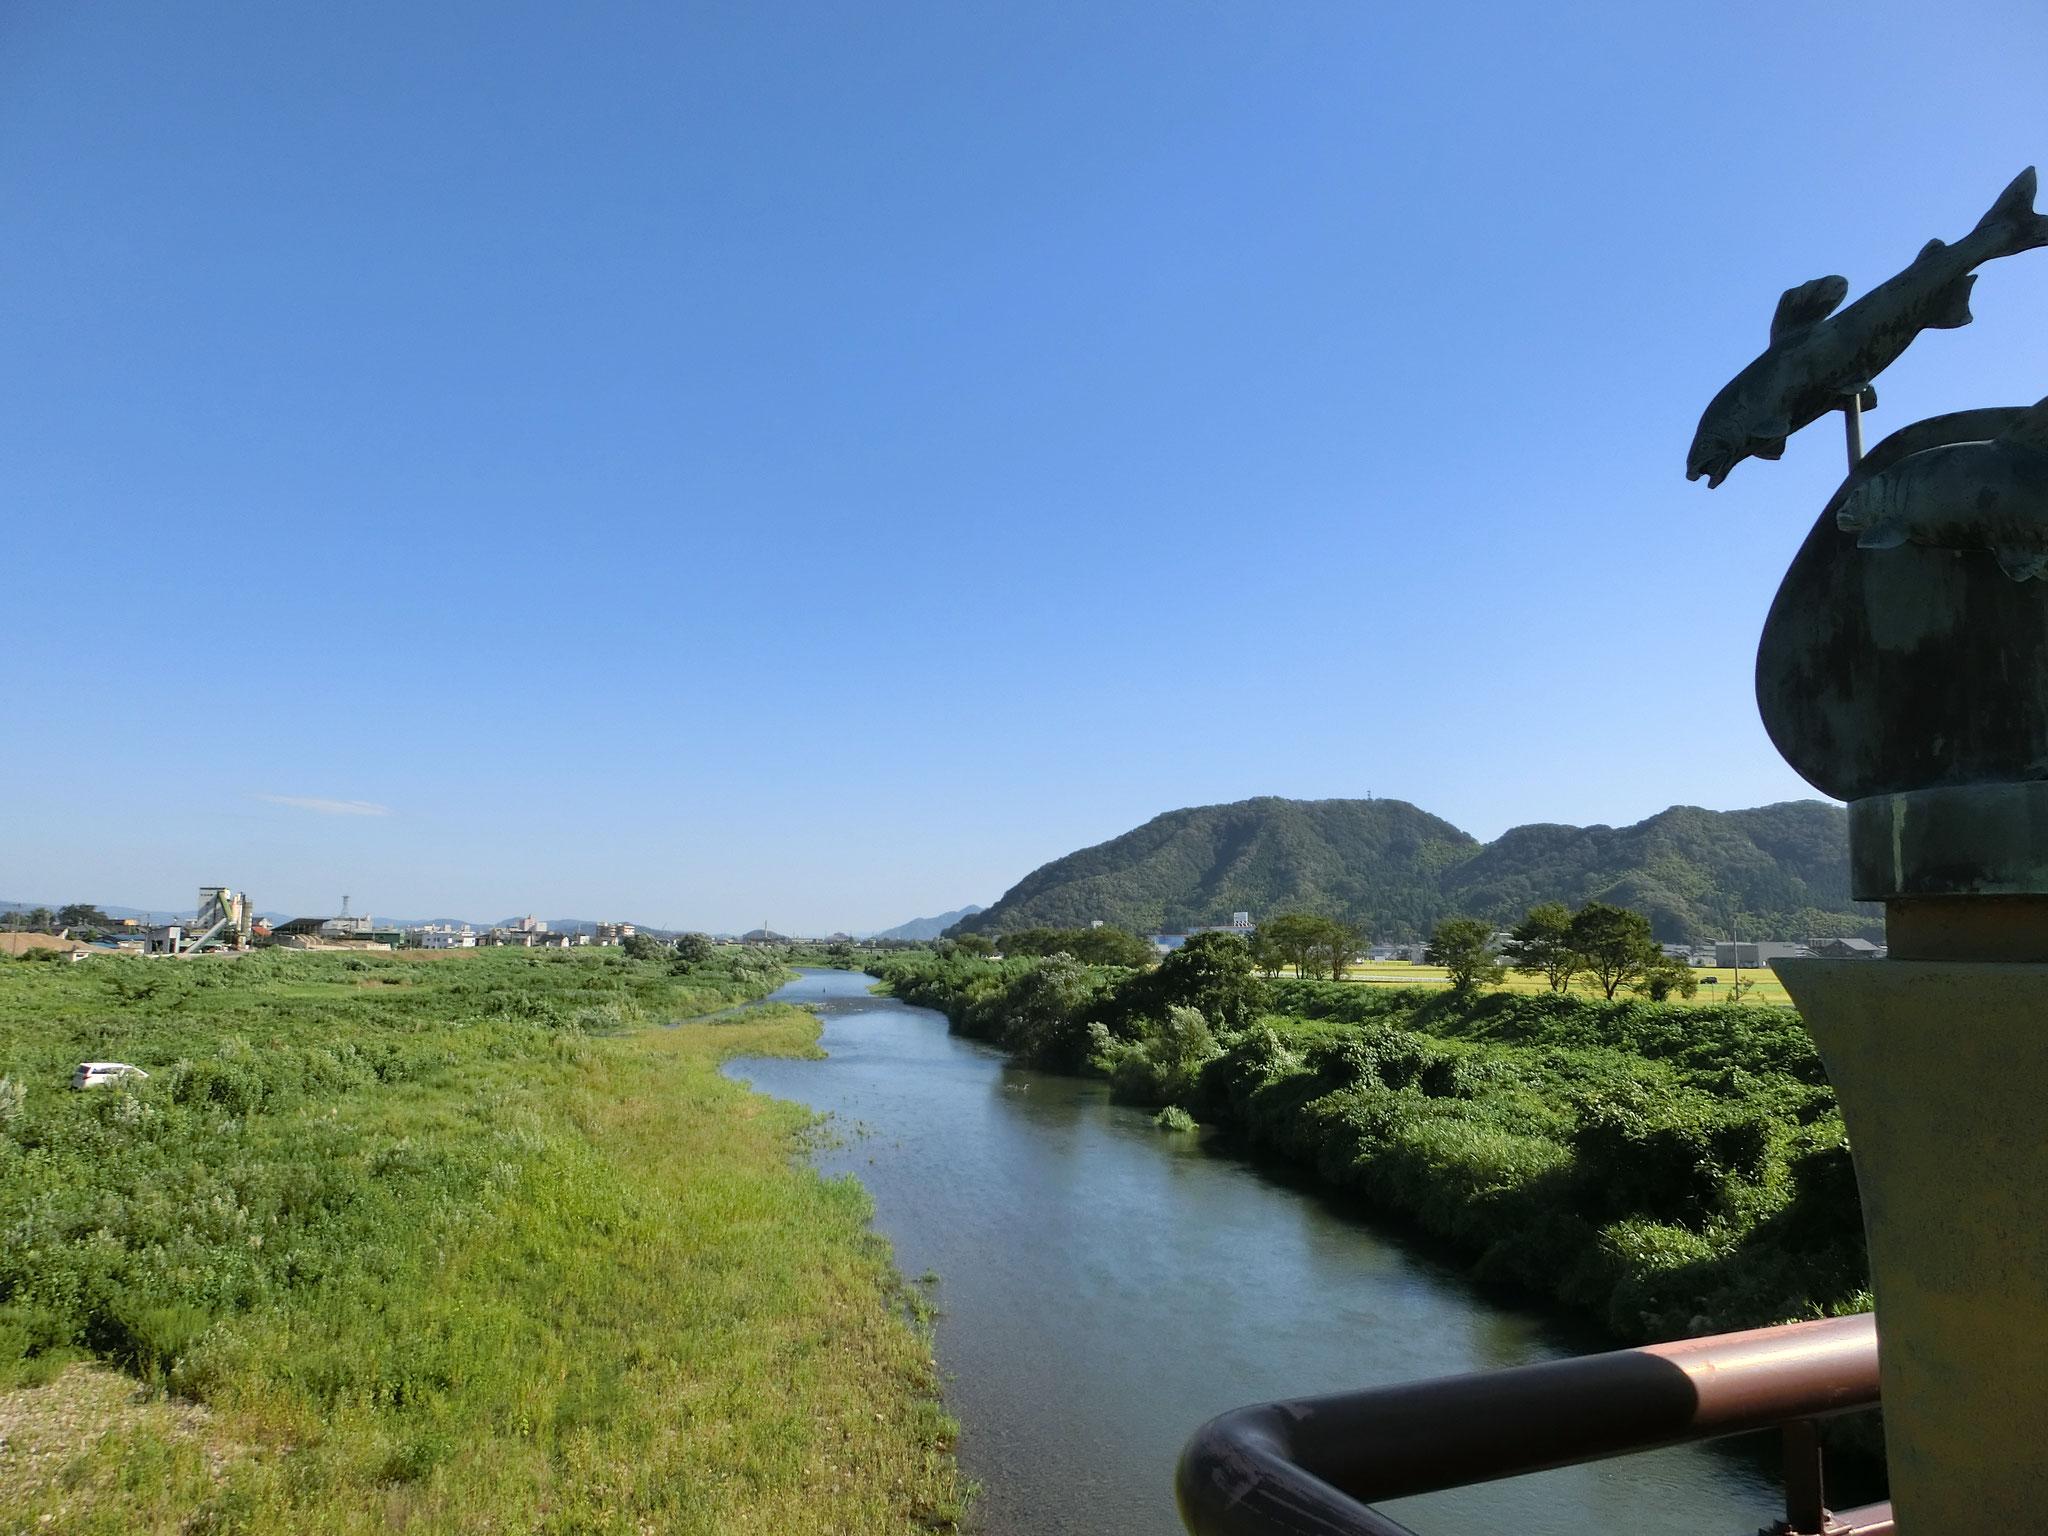 H28.8.31 9時10分 越前市 日野大橋下流